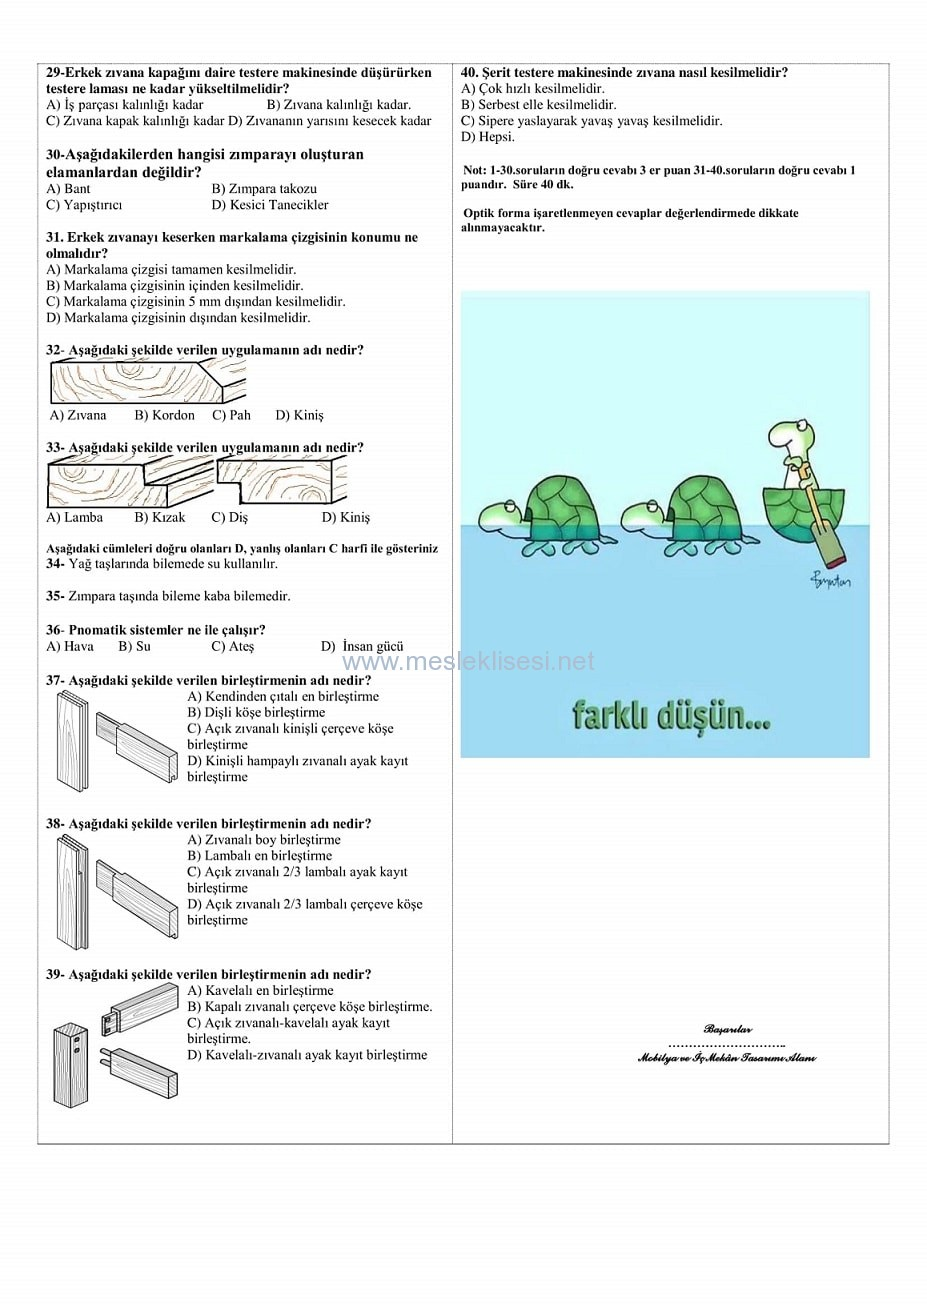 Mobilya Yapım Teknikleri Dersi 2. Dönem 2. Sınav